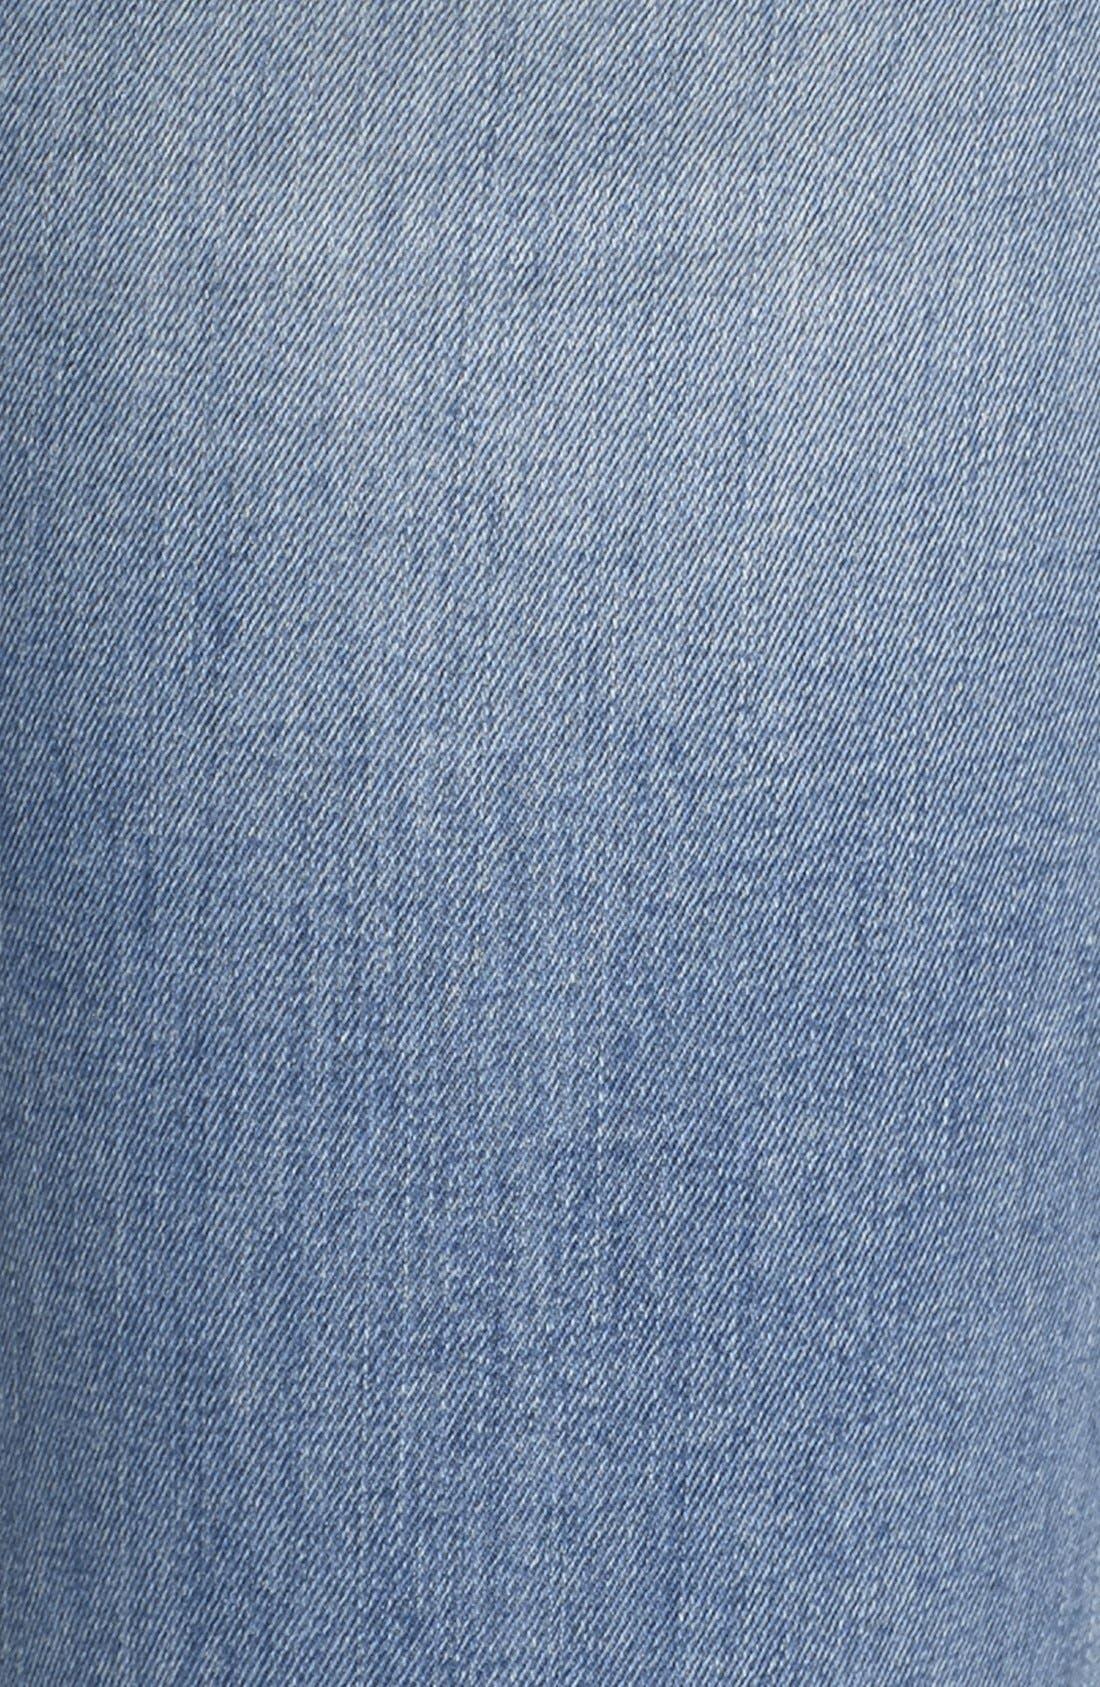 Alternate Image 5  - SP Black Distressed Skinny Jeans (Light Wash)